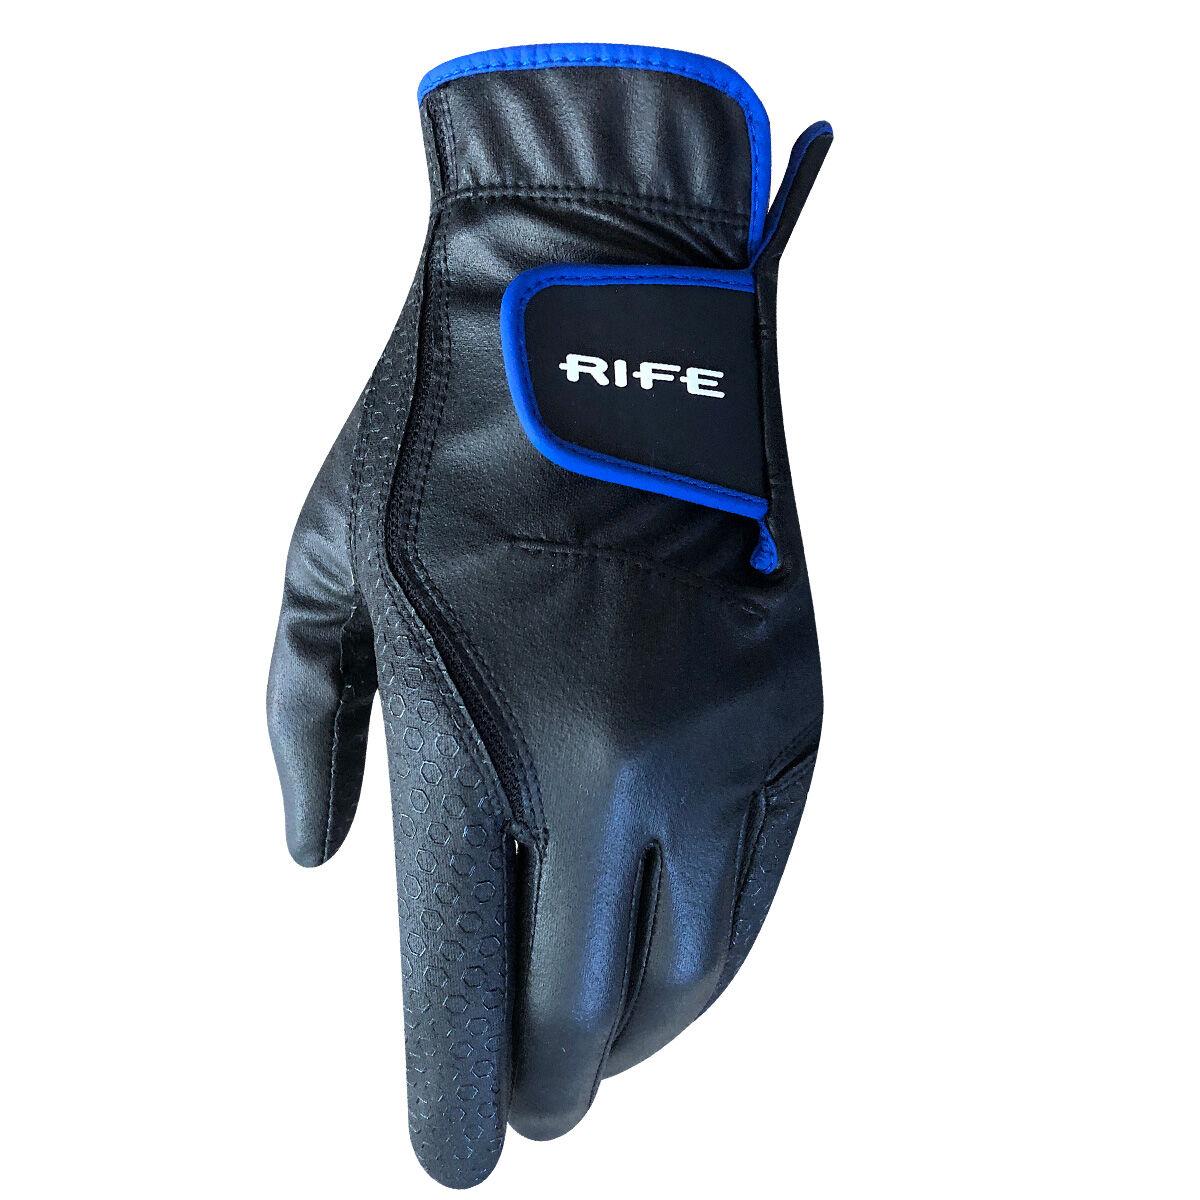 Rife Rain Golf Gloves - Pair, Male, Medium, Black